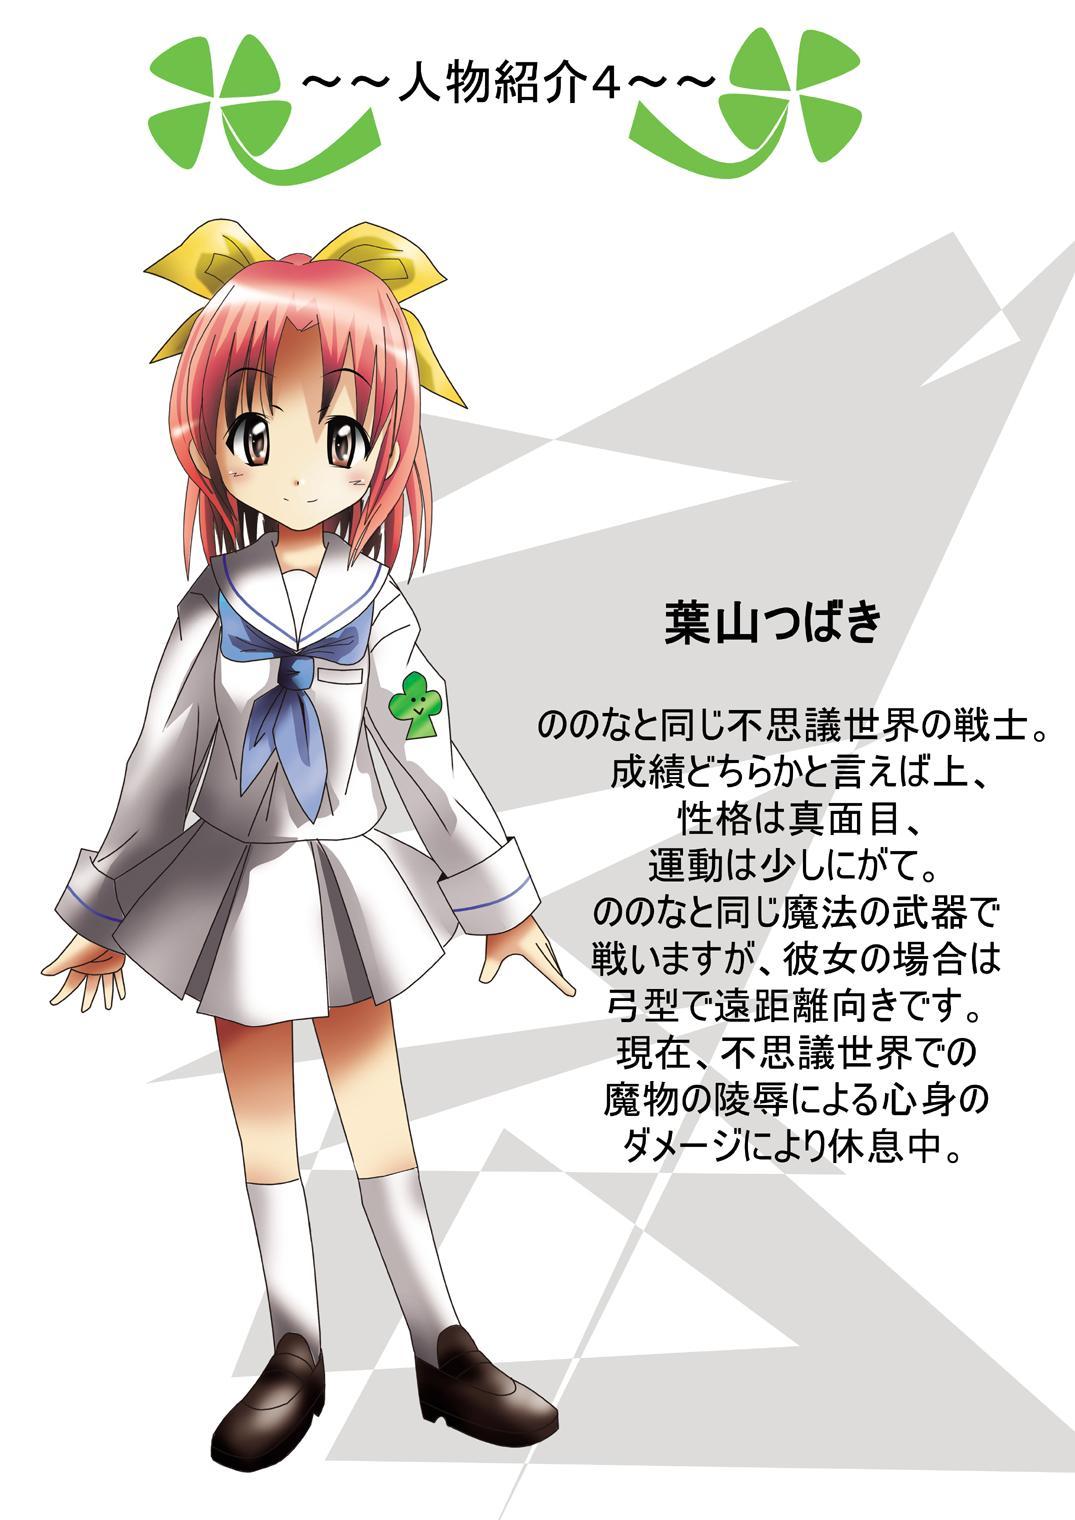 [Dende] Fushigi Sekai -Mystery World- Nonoha 5 ~Jokuma no Kyouniku no Tainai Shinshoku~ 10